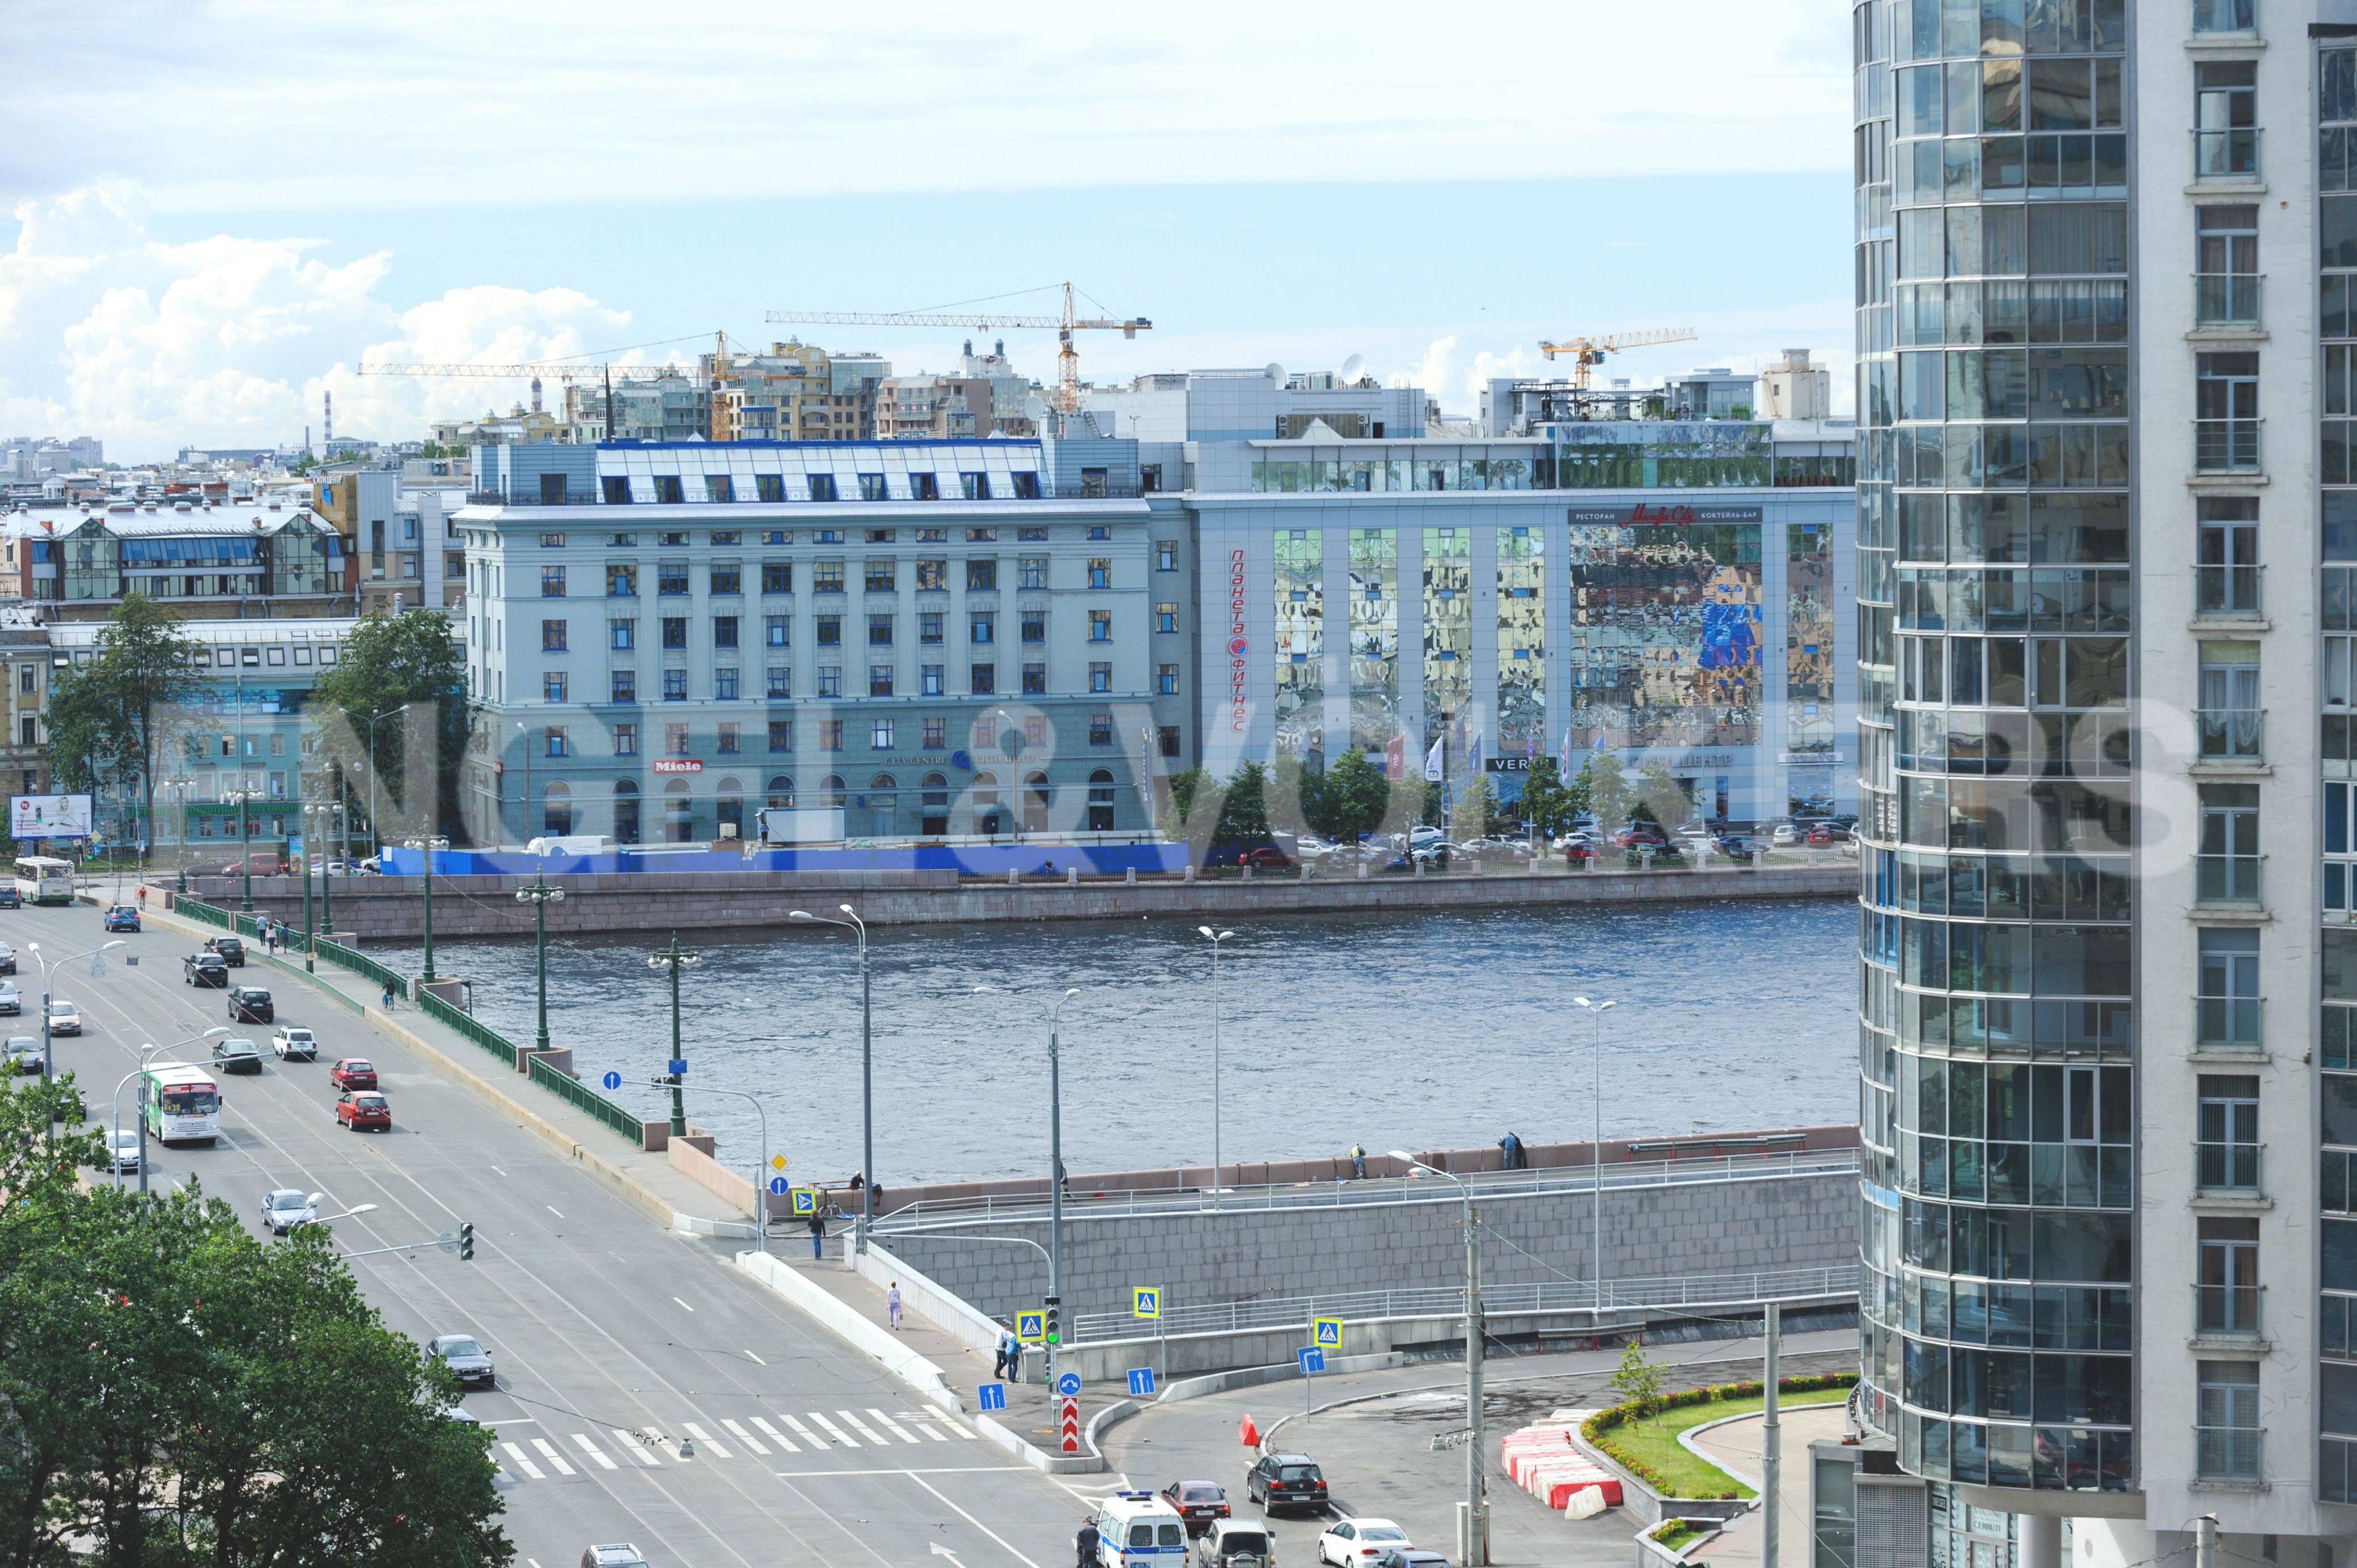 Элитные квартиры в Выборгский р-н. Санкт-Петербург, Большой Сампсониевский пр. 4-6. Вид из окон кабинета на Неву